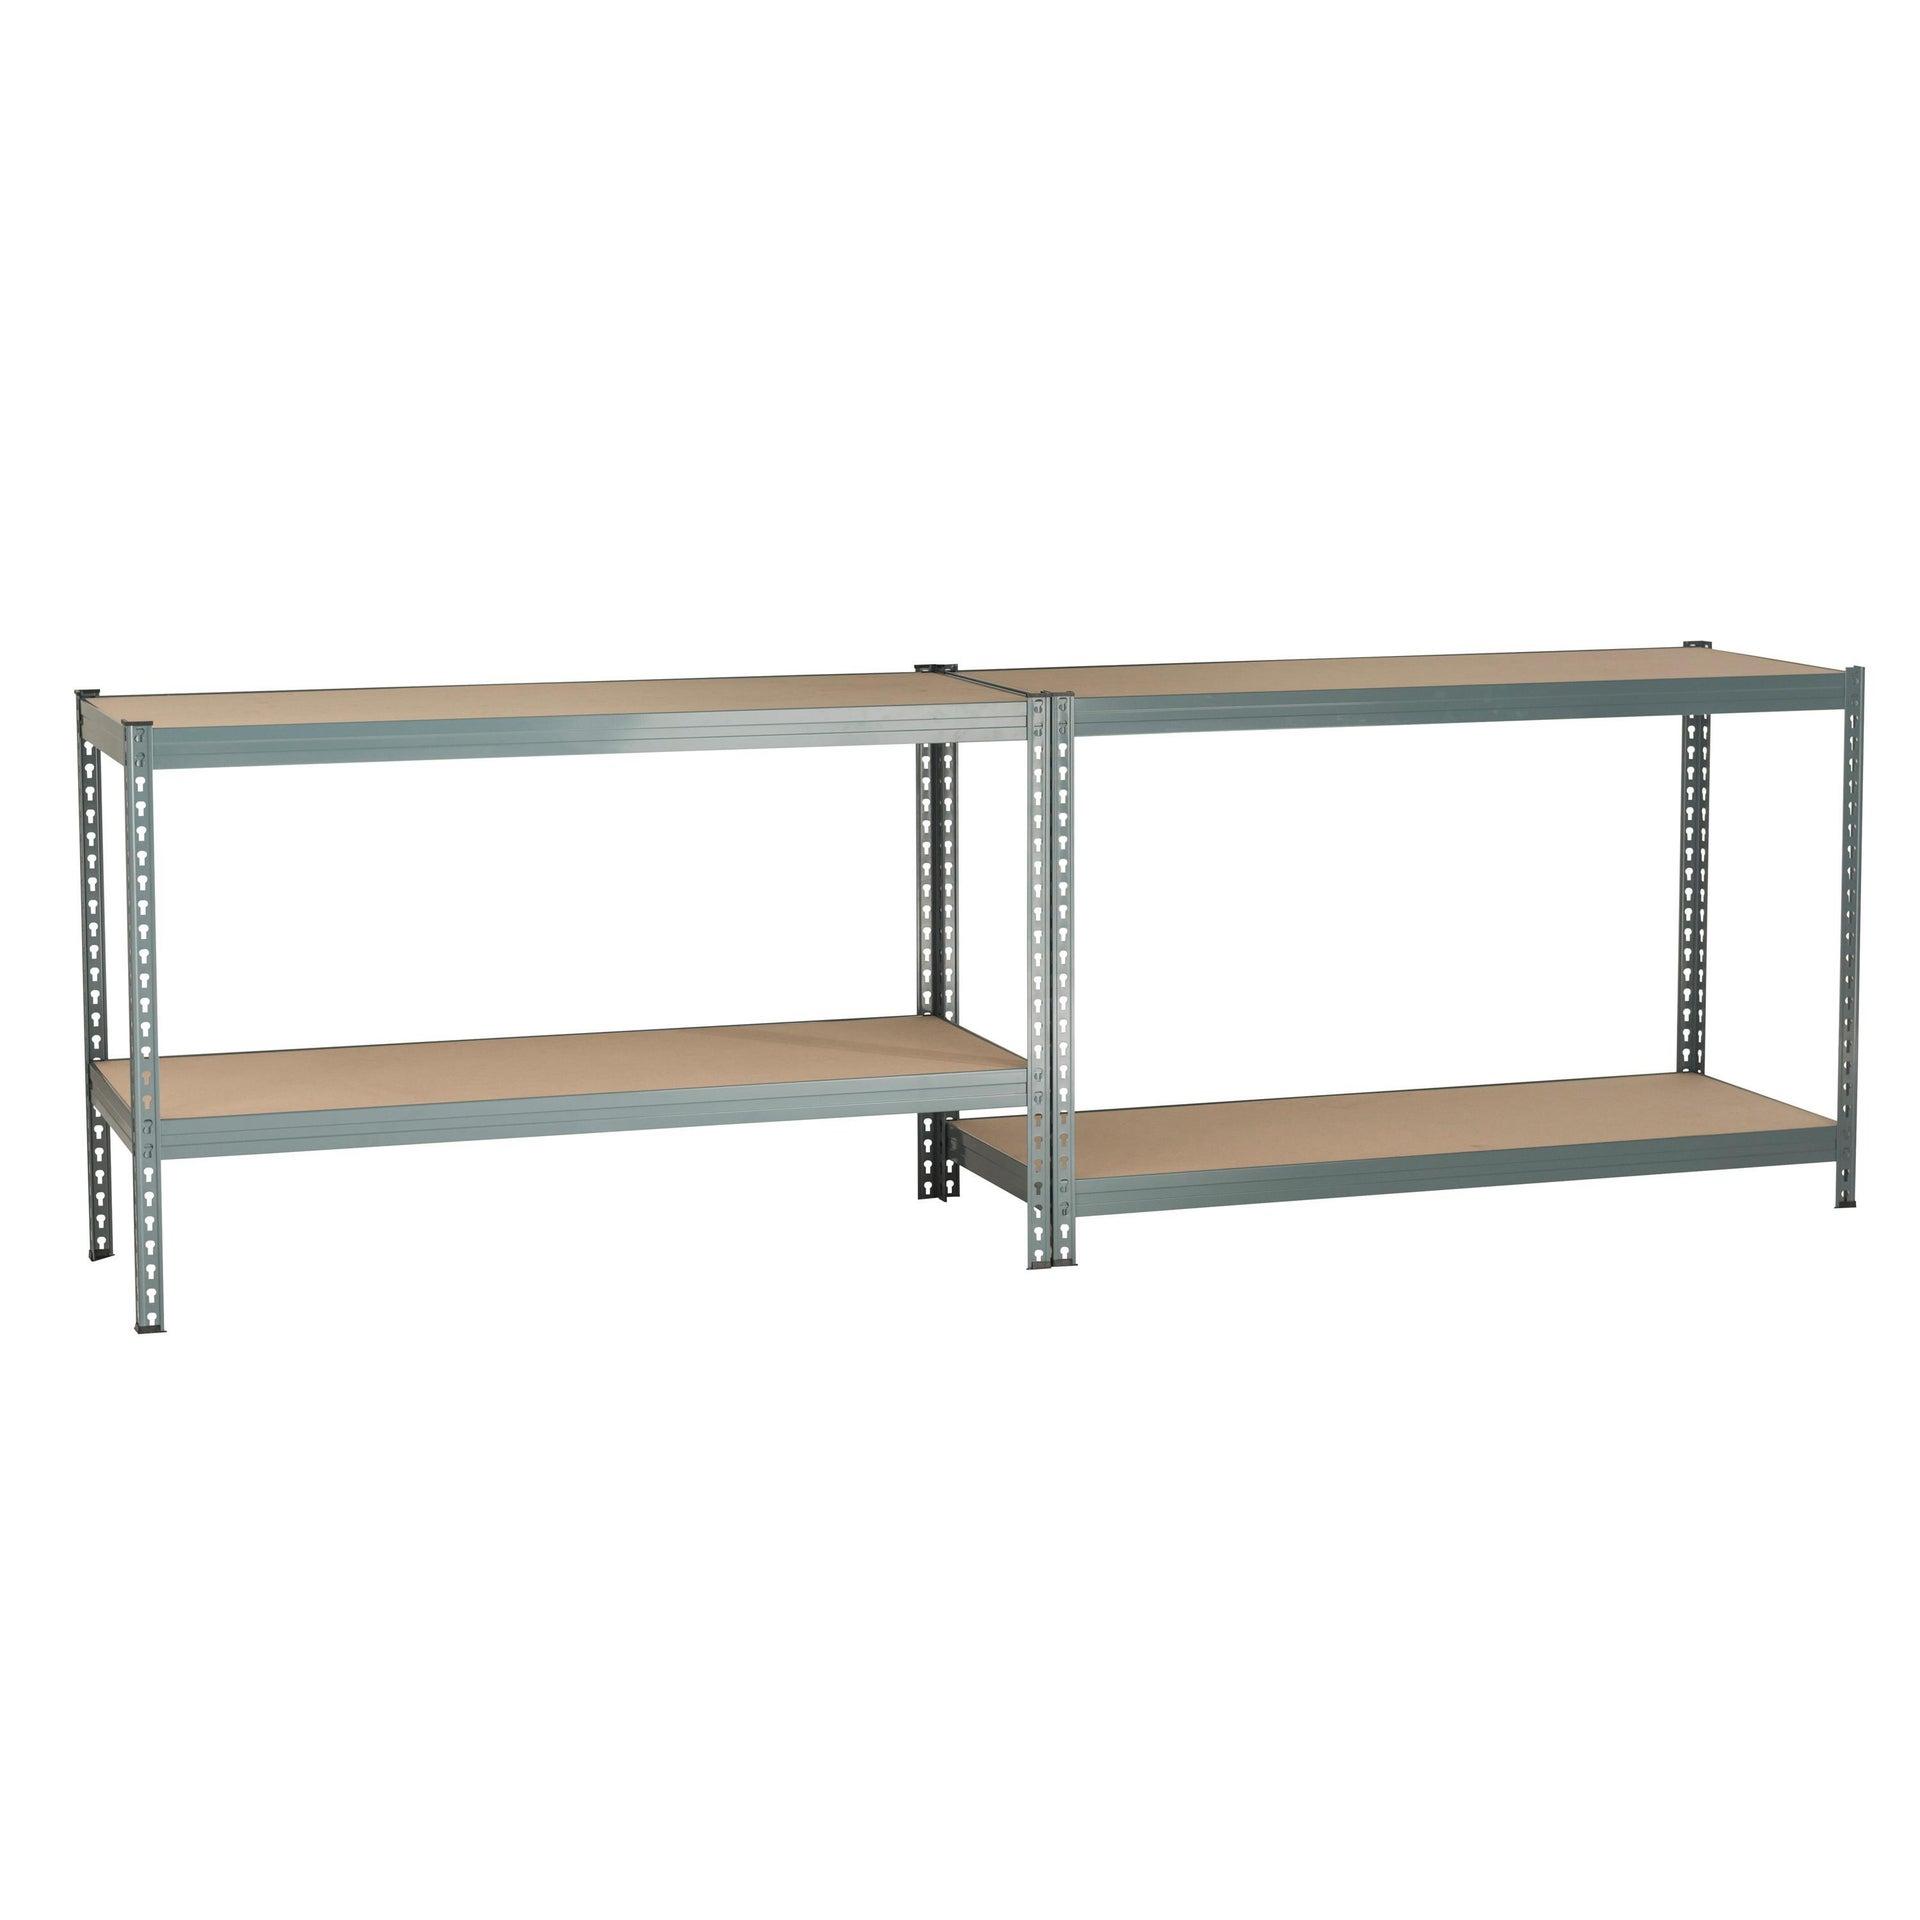 Scaffale in metallo in kit Spaceo L 150 x P 60 x H 190 cm grigio antracite - 3